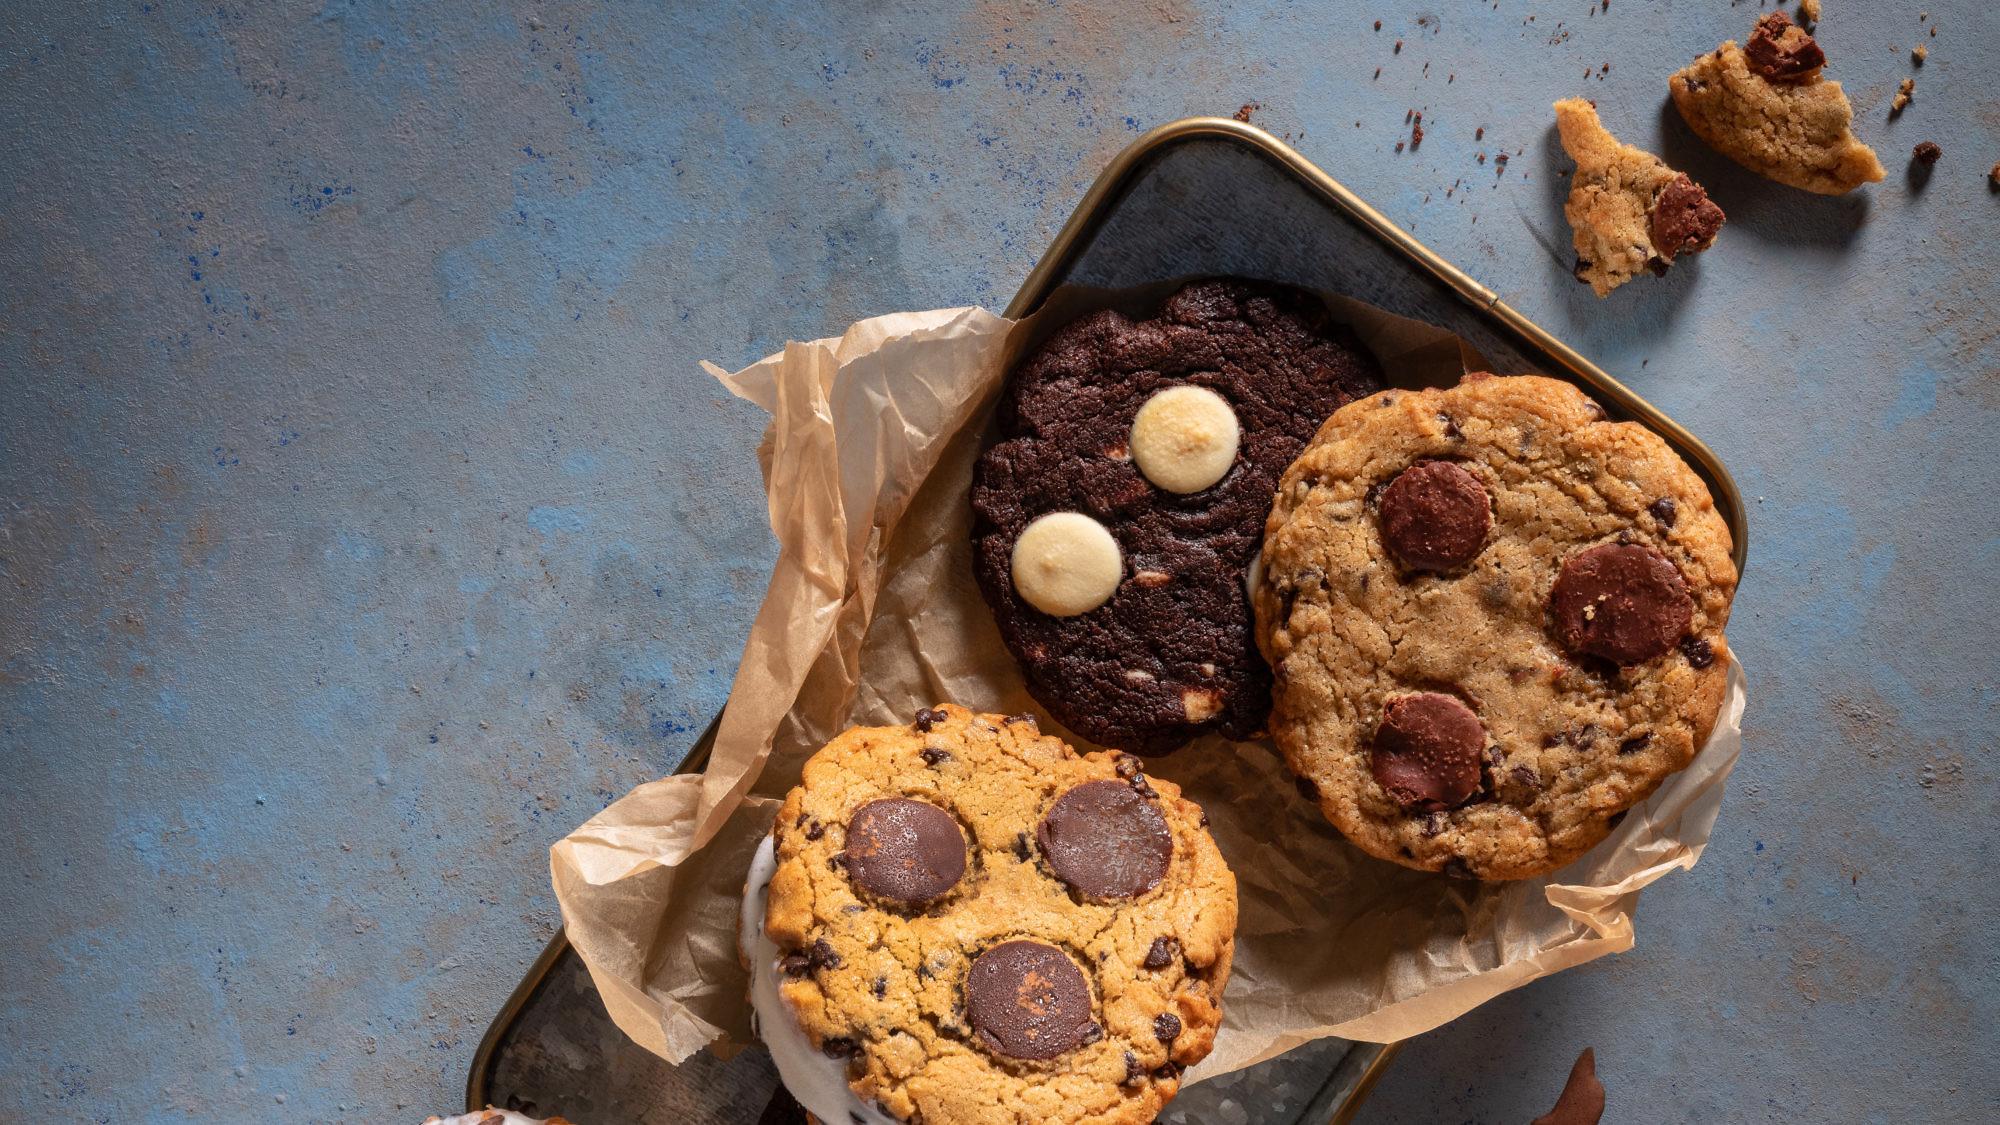 קוקילידה שוקולד צ'יפס עם גלידה וניל של עופר בן נתן. צילום: אנטולי מיכאלו. סטיילינג: ענת לבל